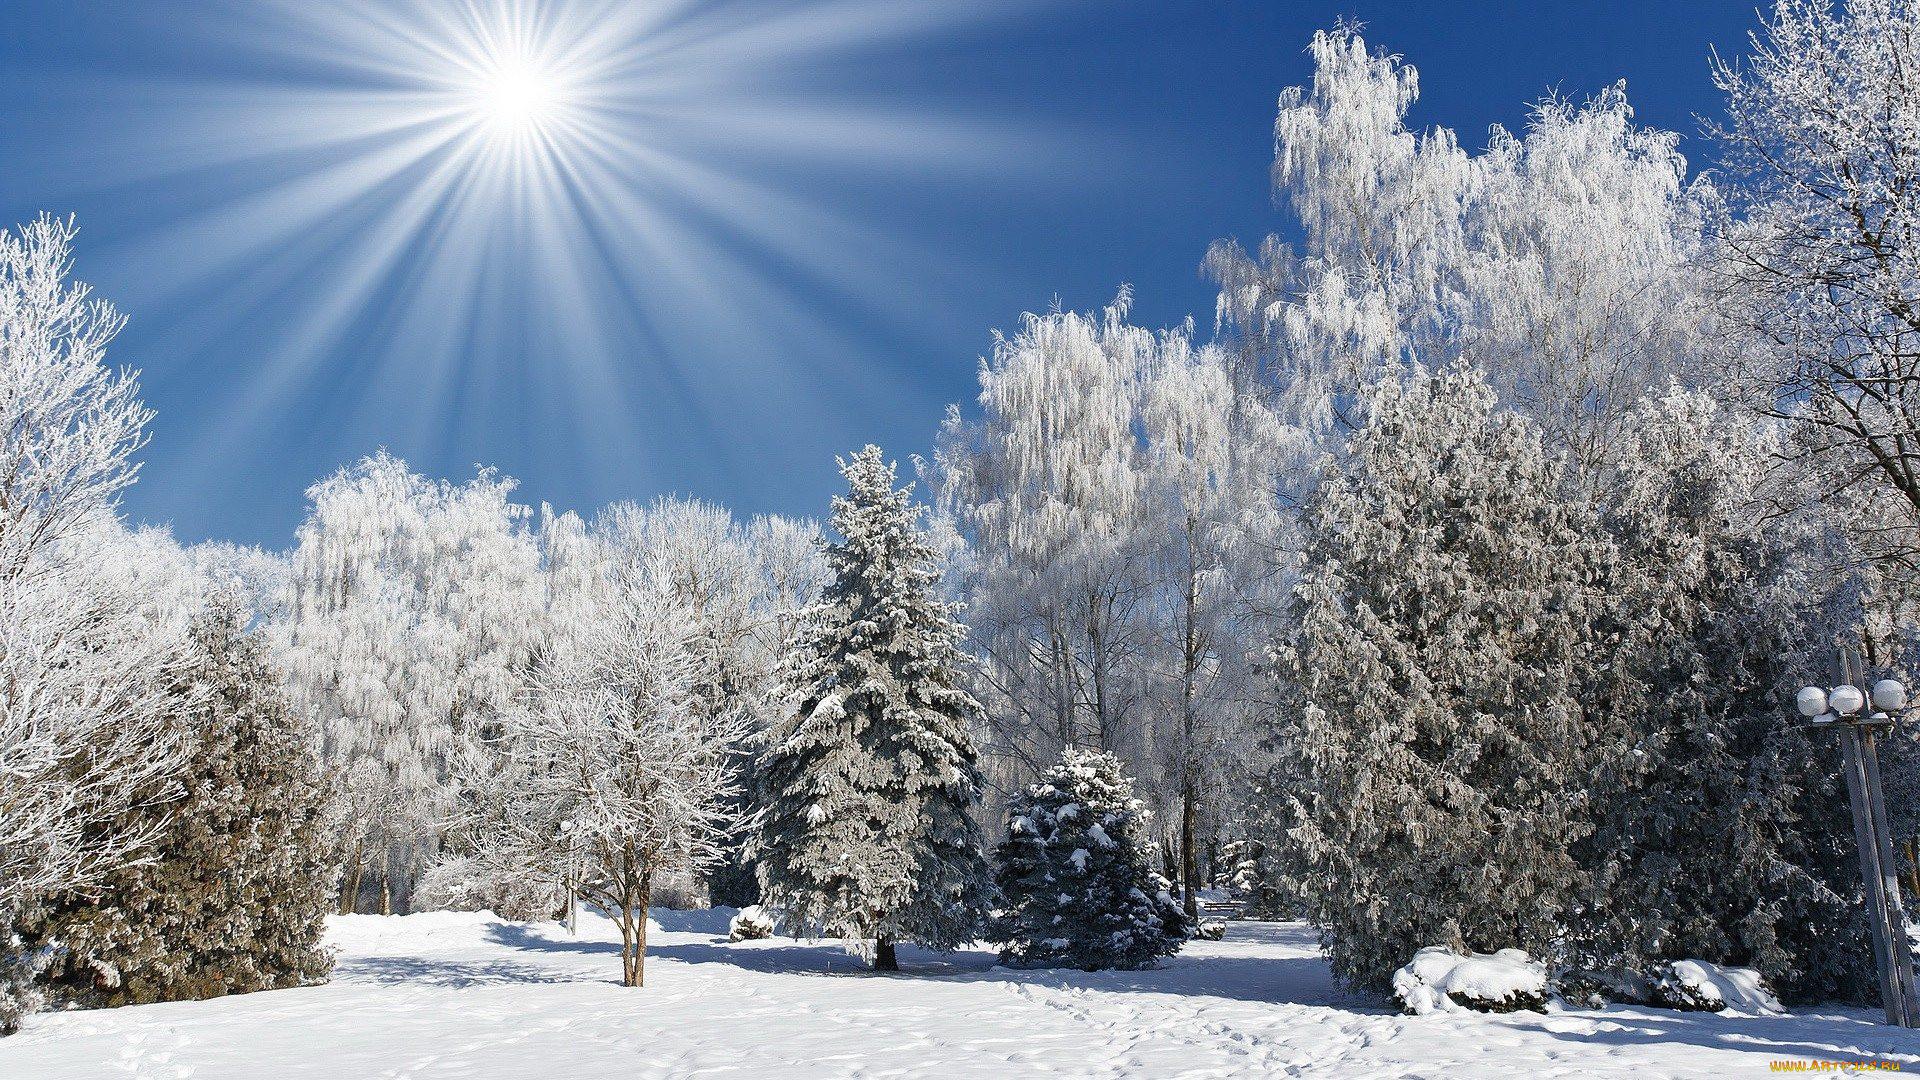 Картинки для рабочего стола зима пейзажи которая